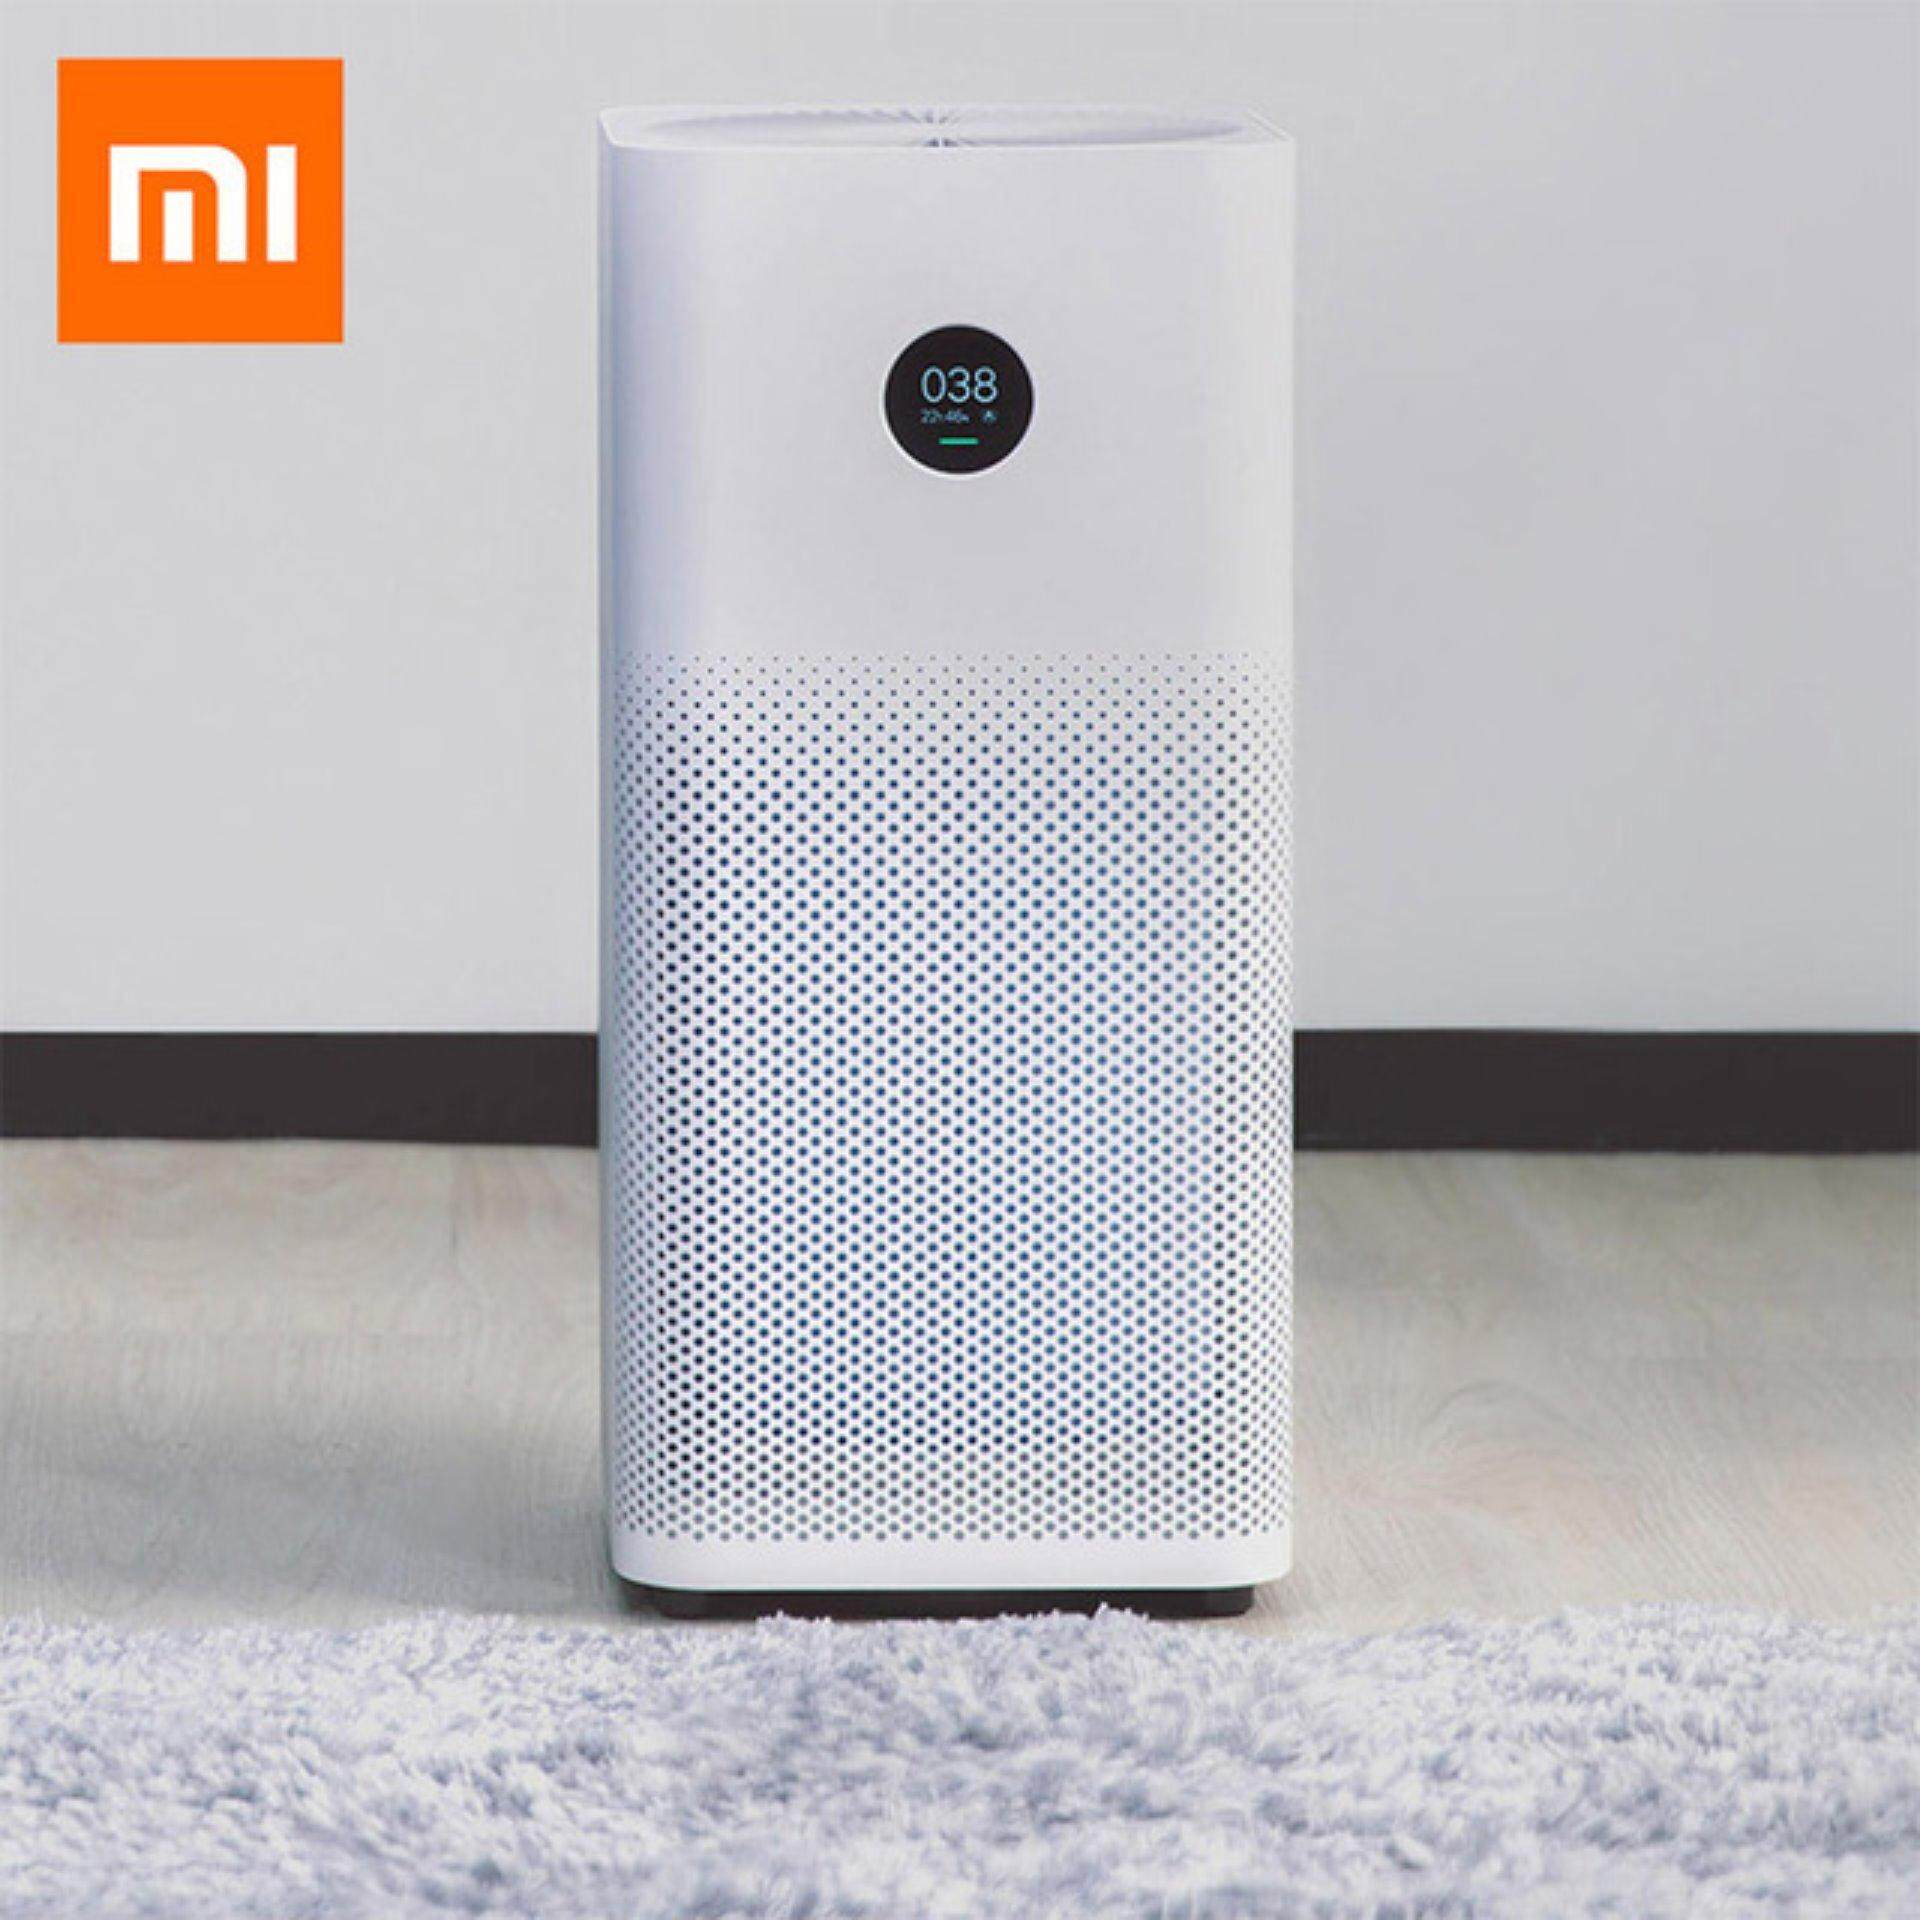 สินเชื่อบุคคลซิตี้  นนทบุรี เครื่องฟอกอากาศ Xiaomi MiJia Air Purifier Pro - เครื่องฟอกอากาศ Xiaomi รุ่น Pro (สีขาว)